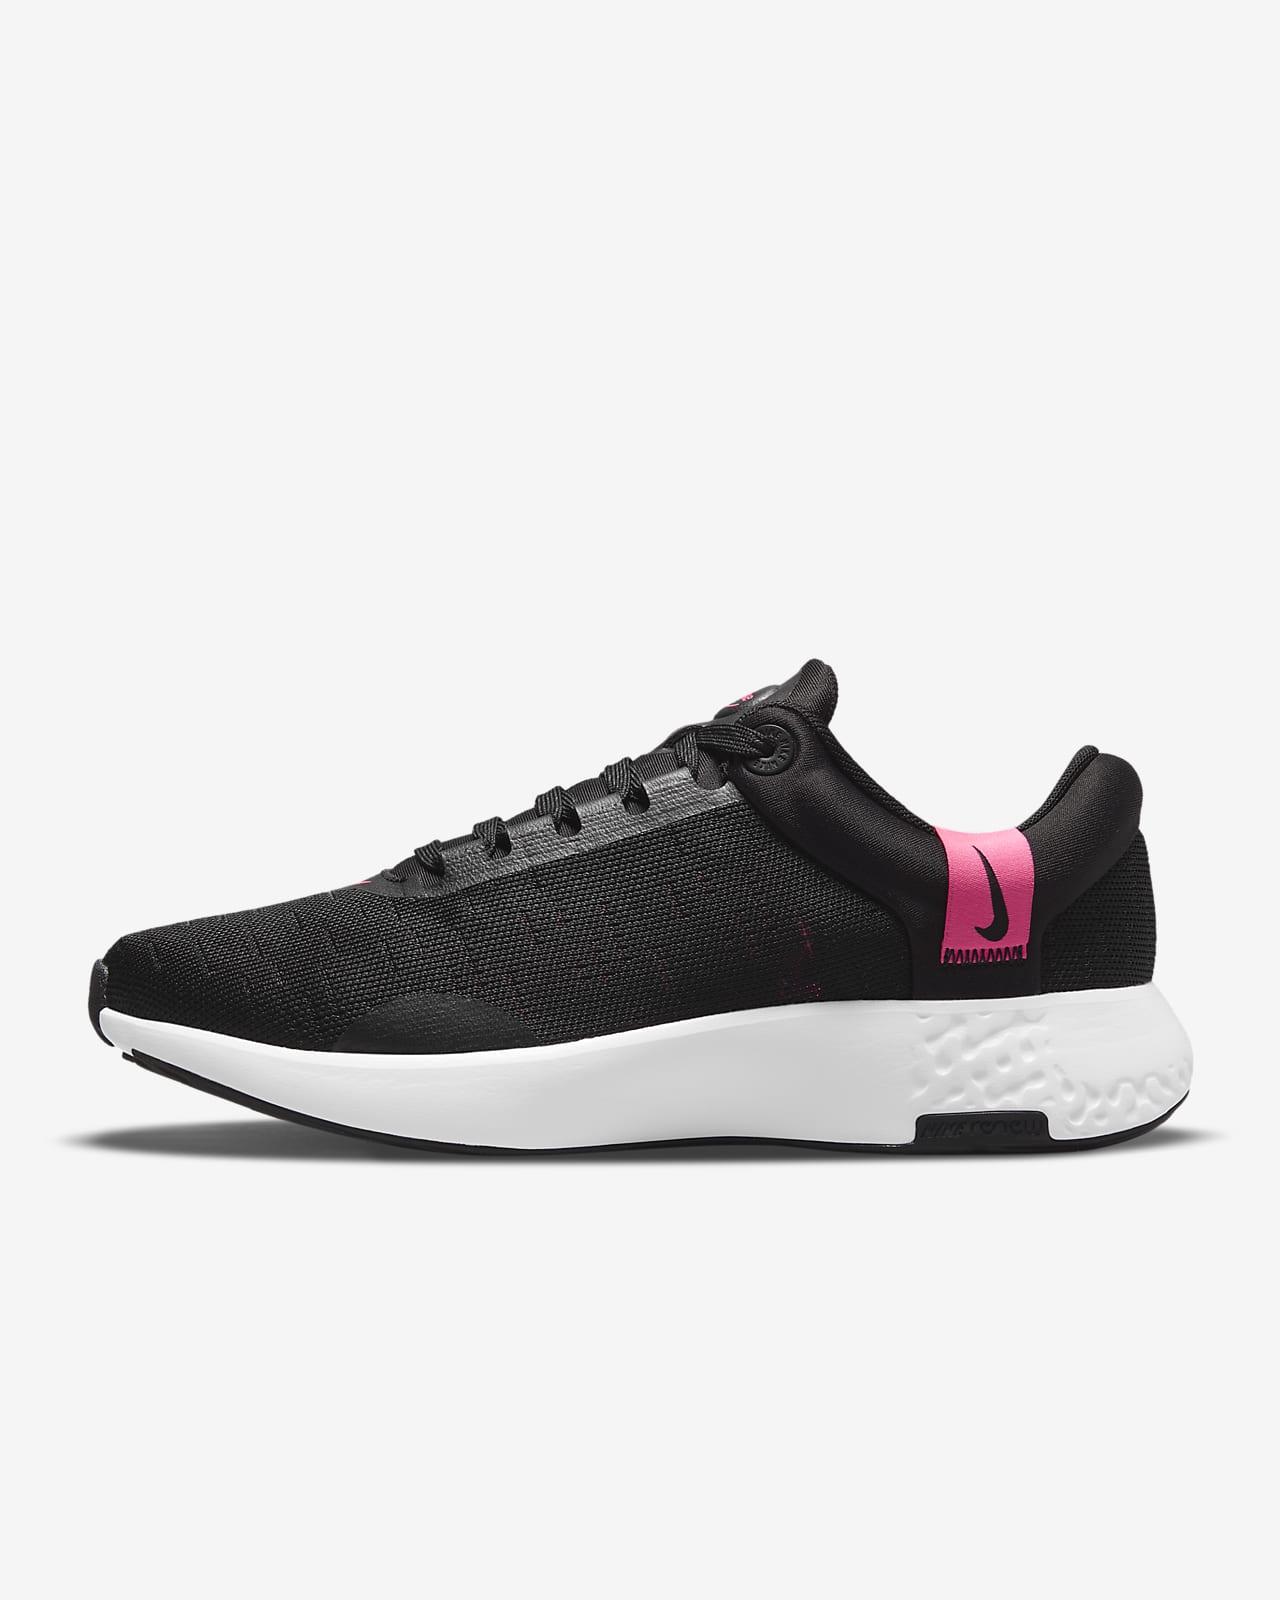 Nike Renew Serenity Run Women's Road Running Shoe